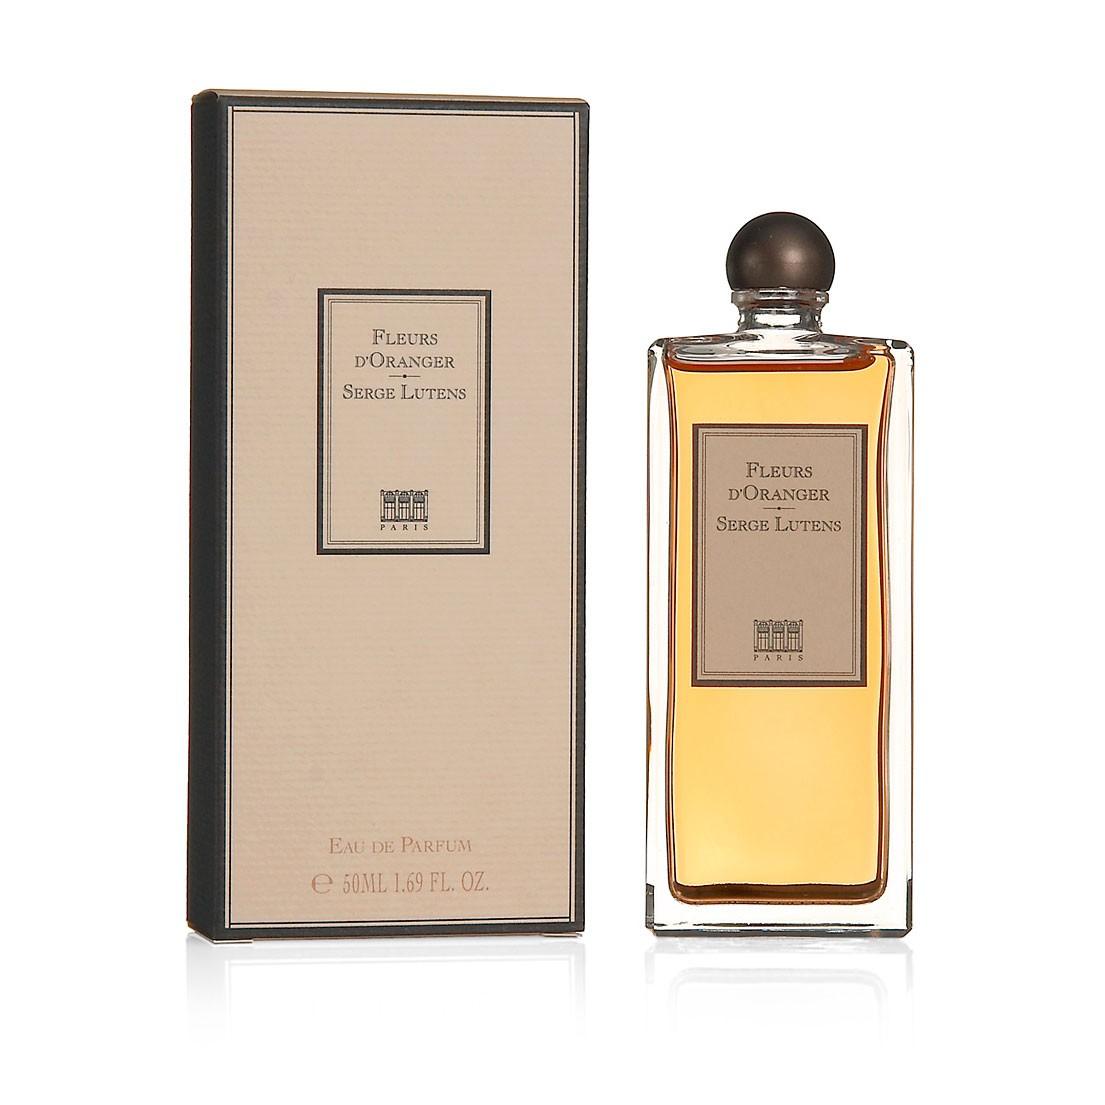 Serge Lutens Fleurs D'Oranger аромат для мужчин и женщин